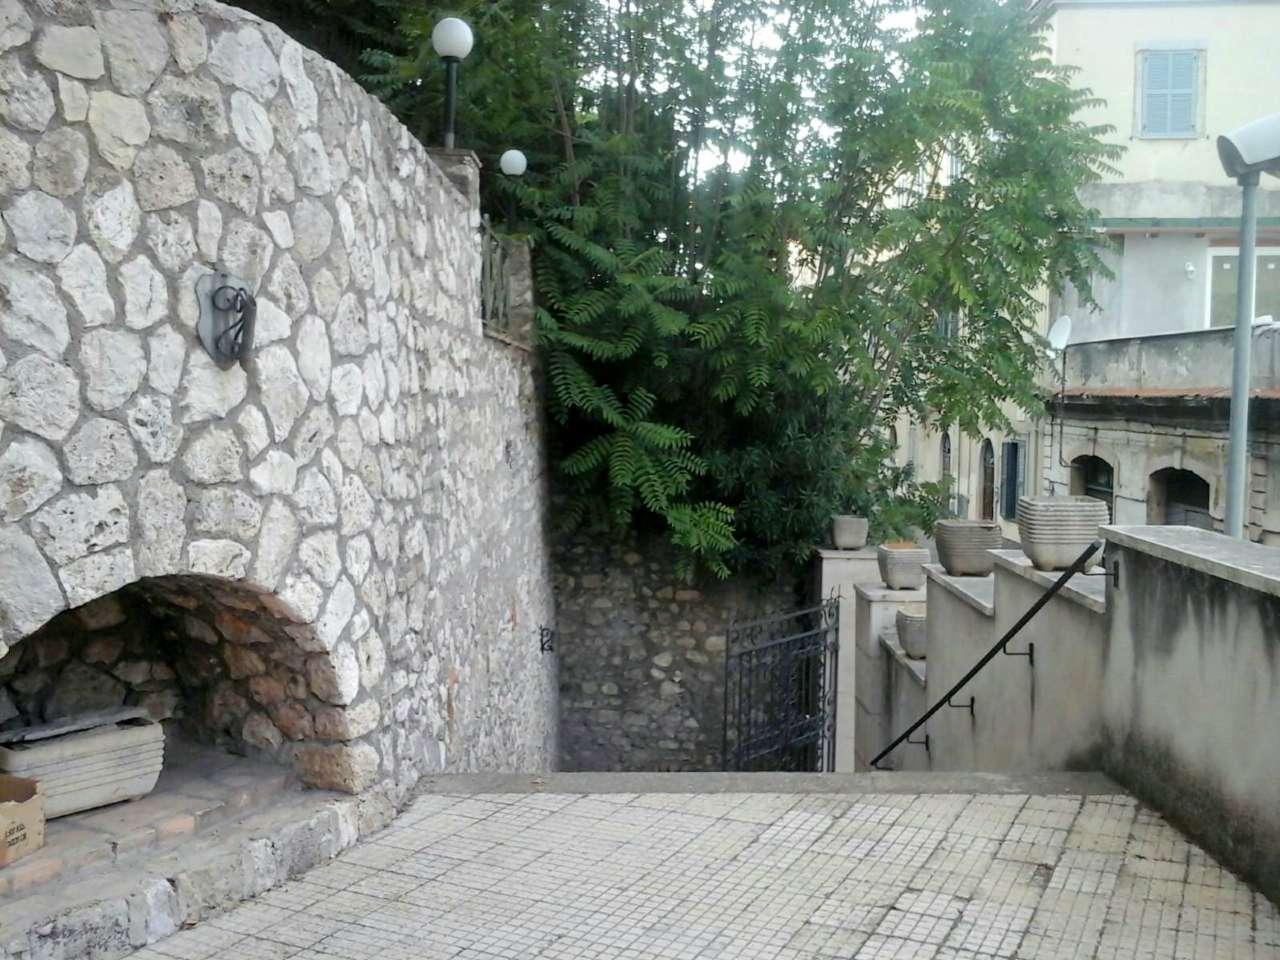 Negozio / Locale in vendita a Palombara Sabina, 9999 locali, Trattative riservate | CambioCasa.it